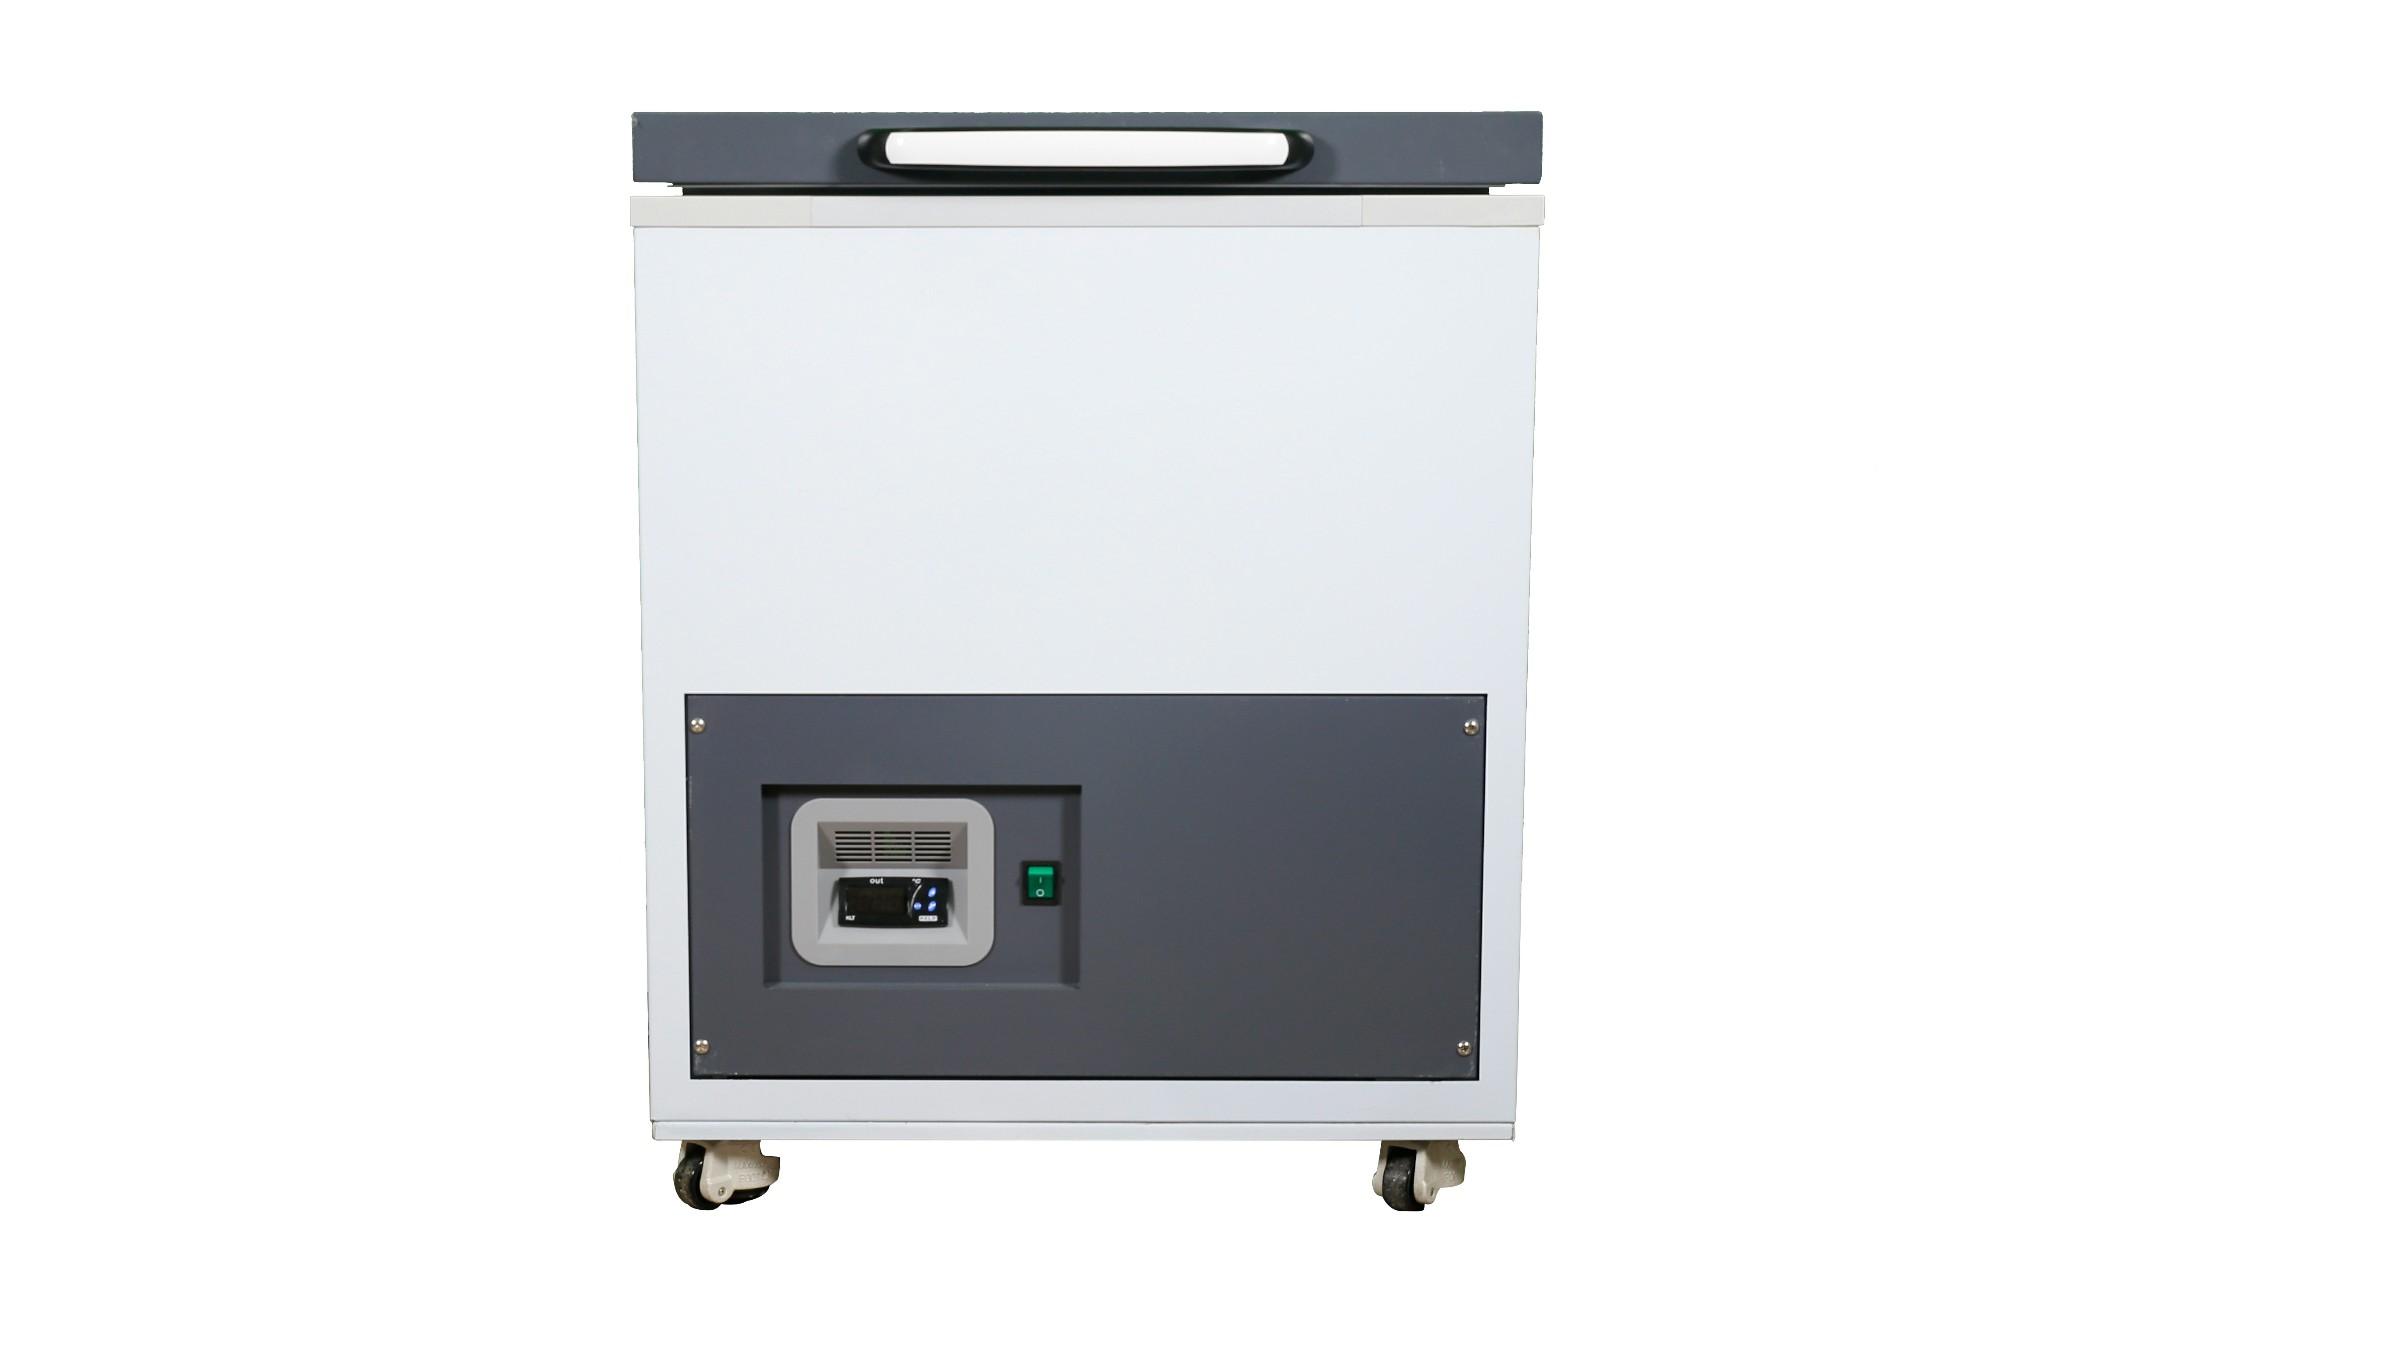 优质的深圳拆屏冰箱厂家展望兴-180度展望兴科技供应